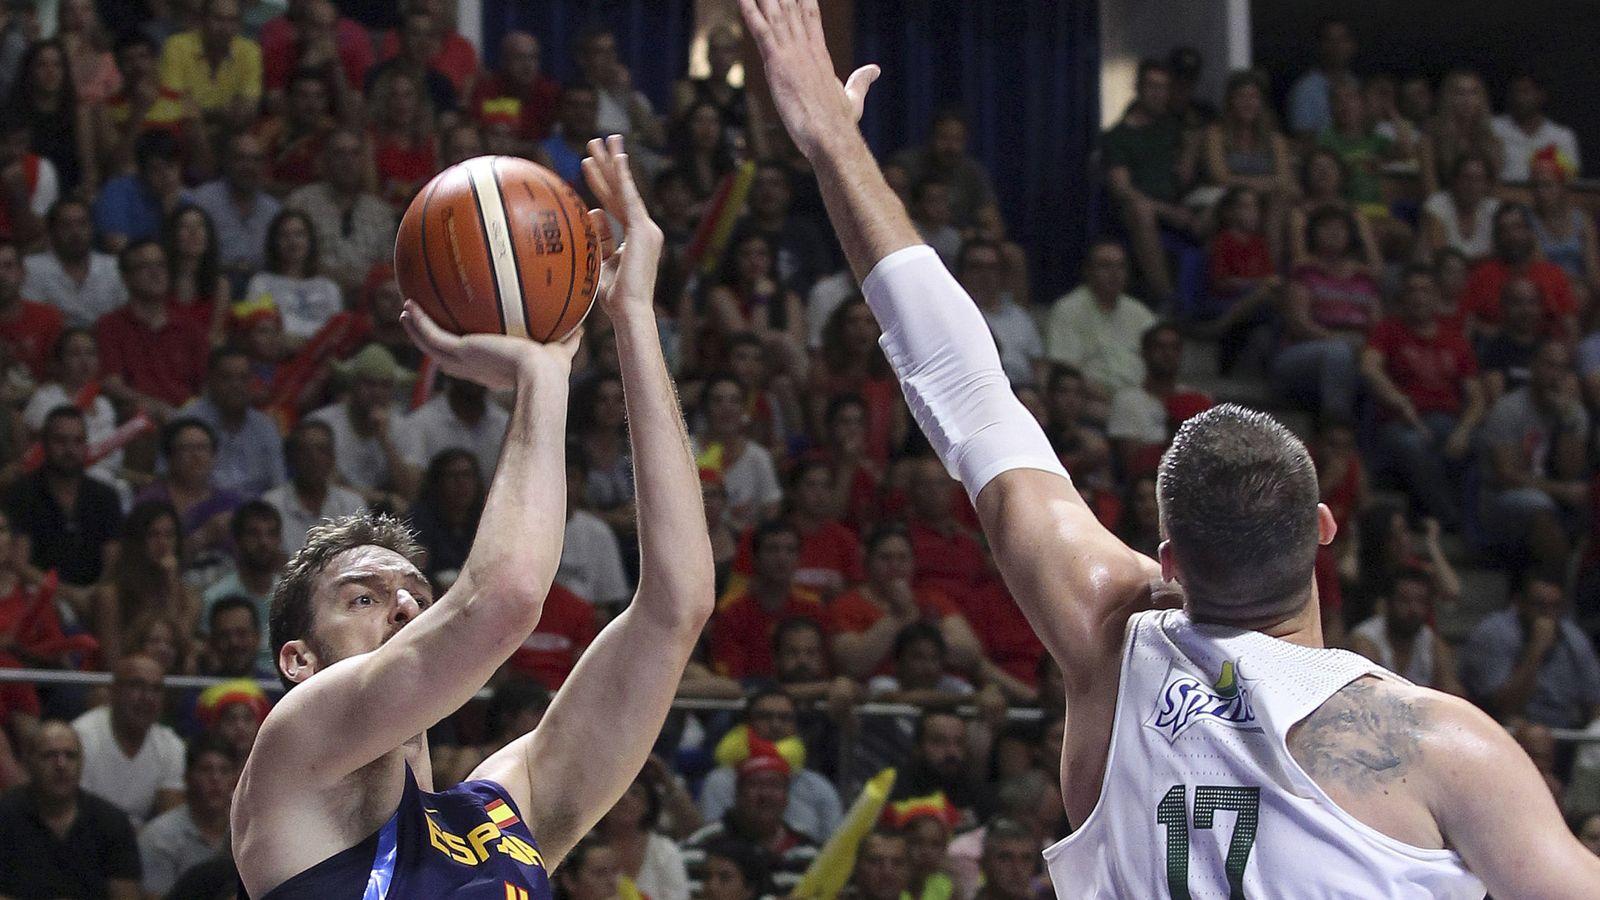 Foto: Gasol falló 8 de sus 12 lanzamientos (Daniel Pérez/EFE)